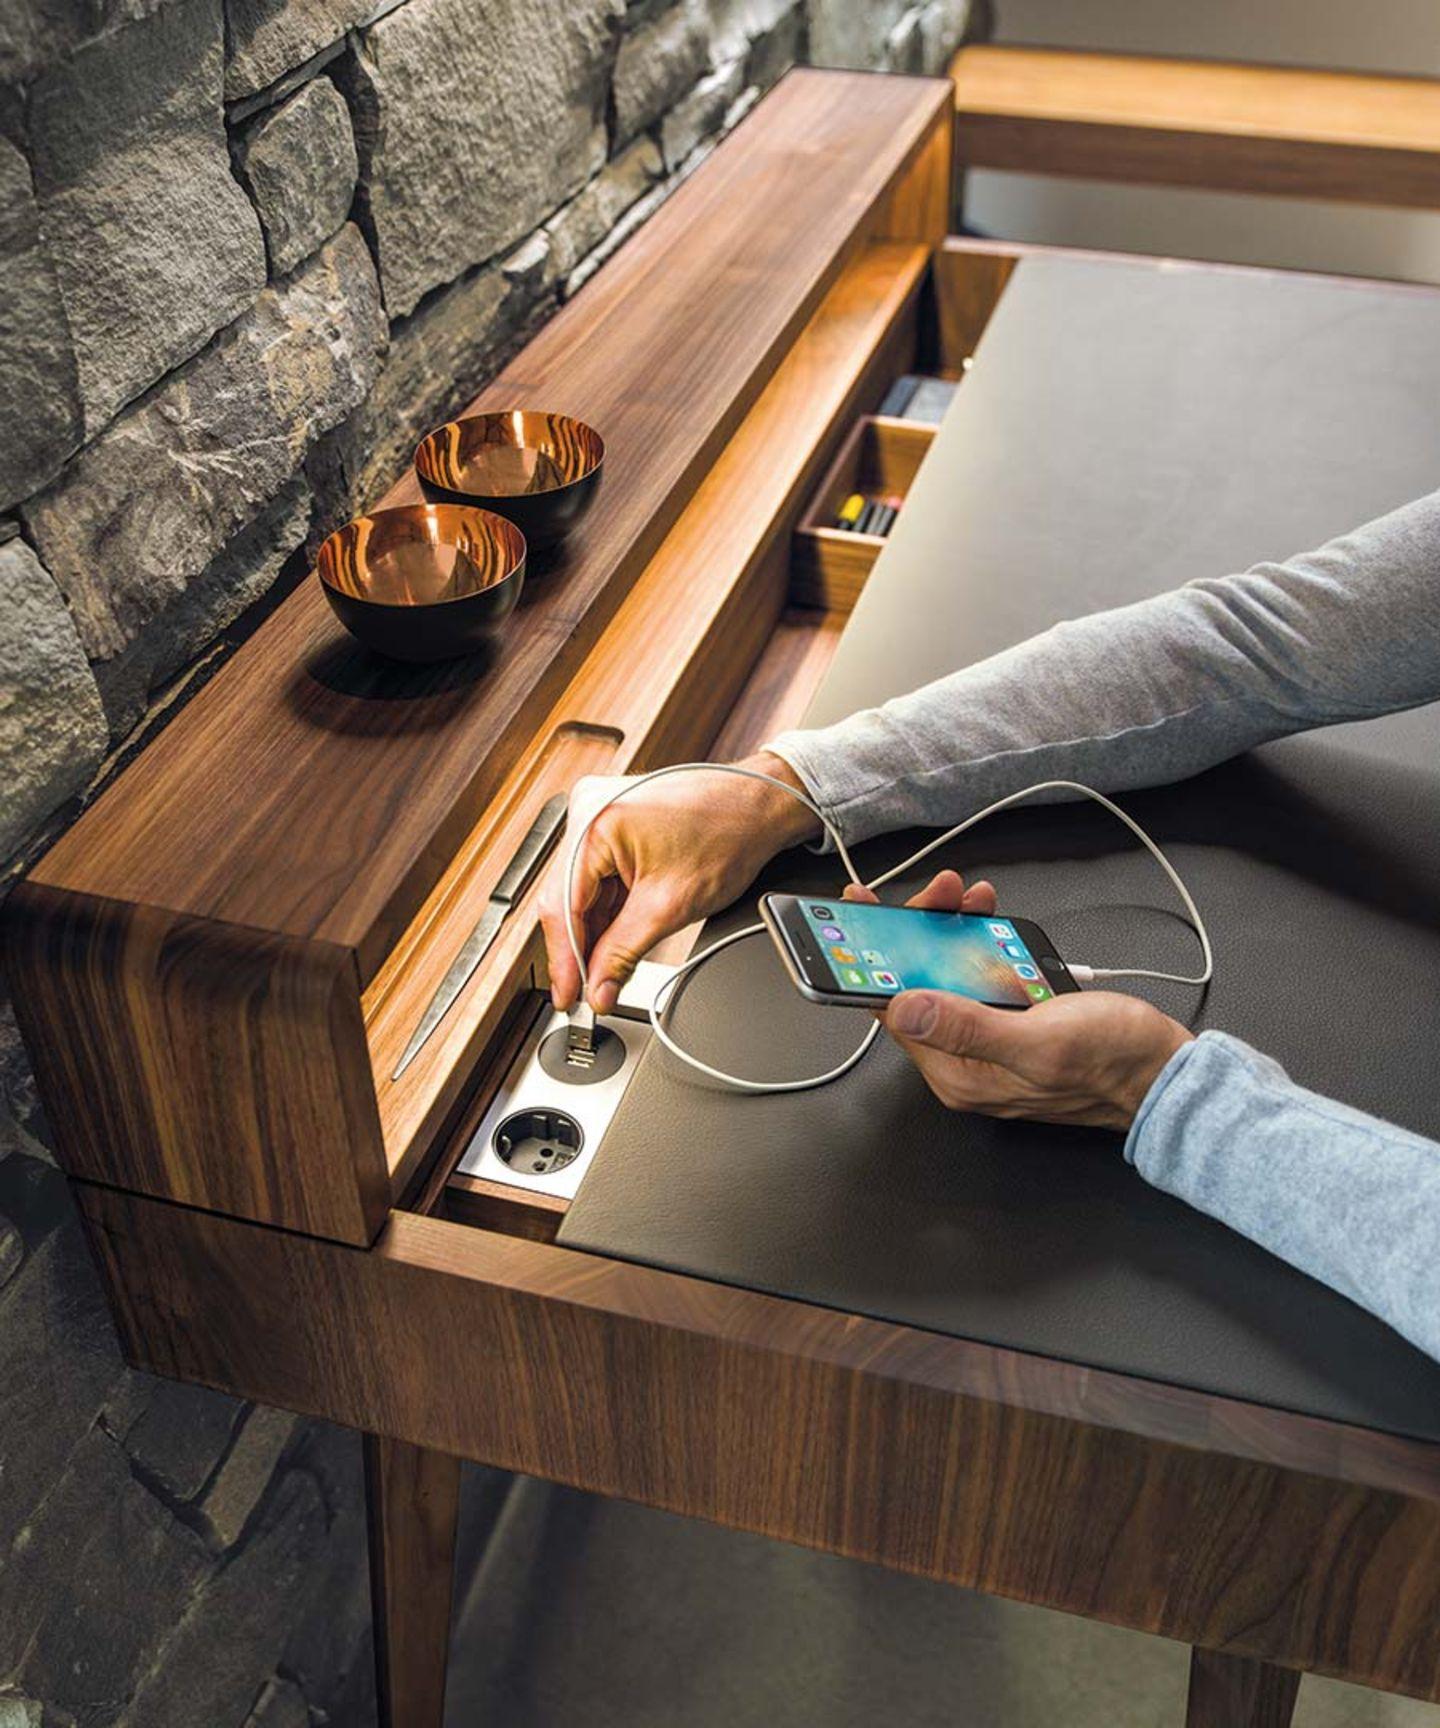 Scrivania sol con prese di corrente integrate e presa USB